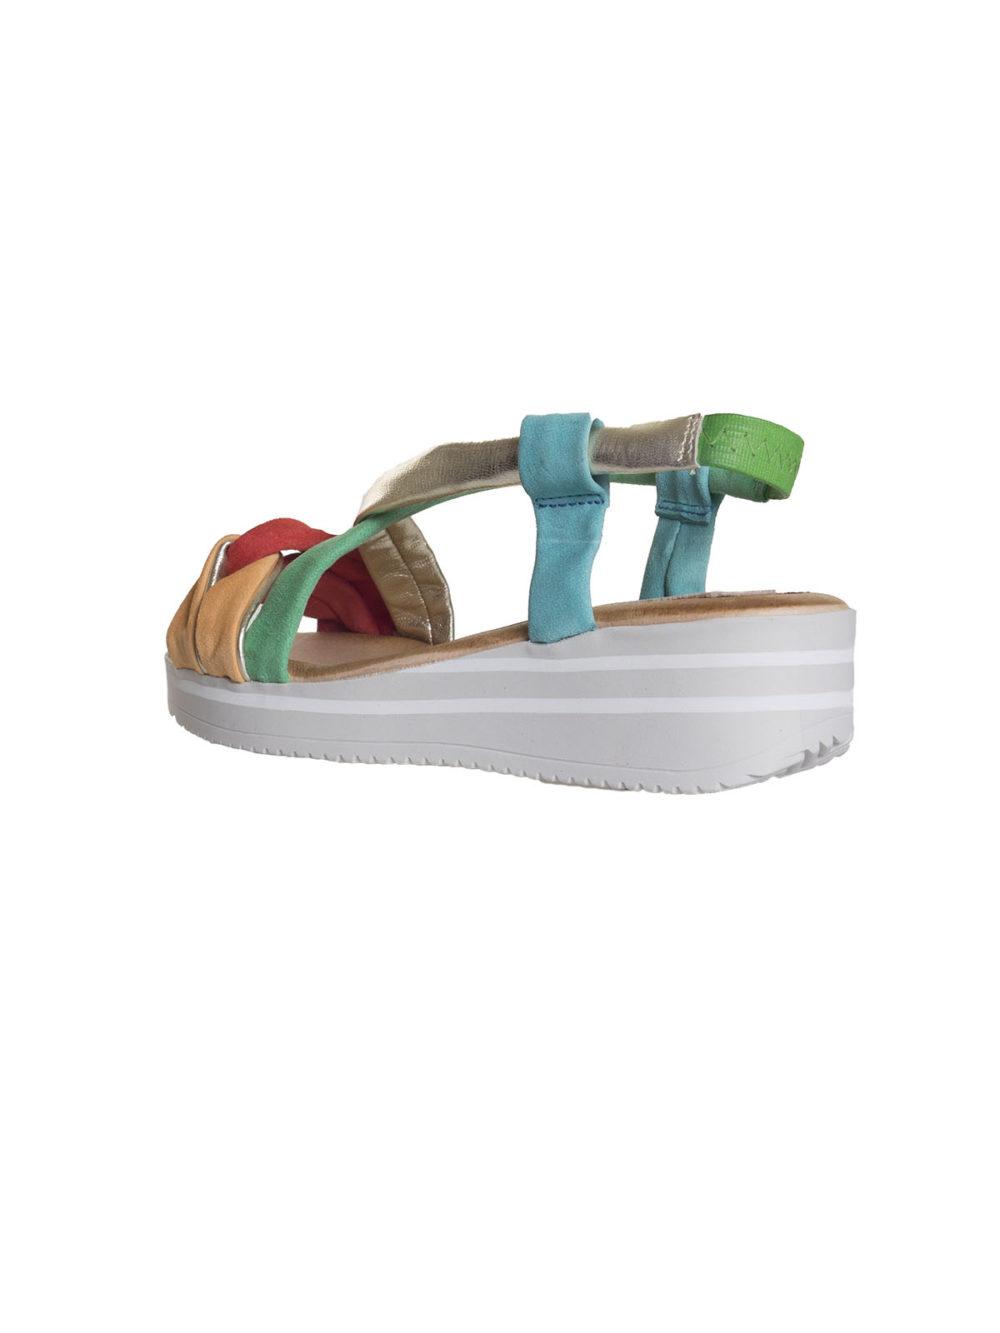 Lujan Gris Sandal Marila Shoes Katie Kerr Women's Shoes